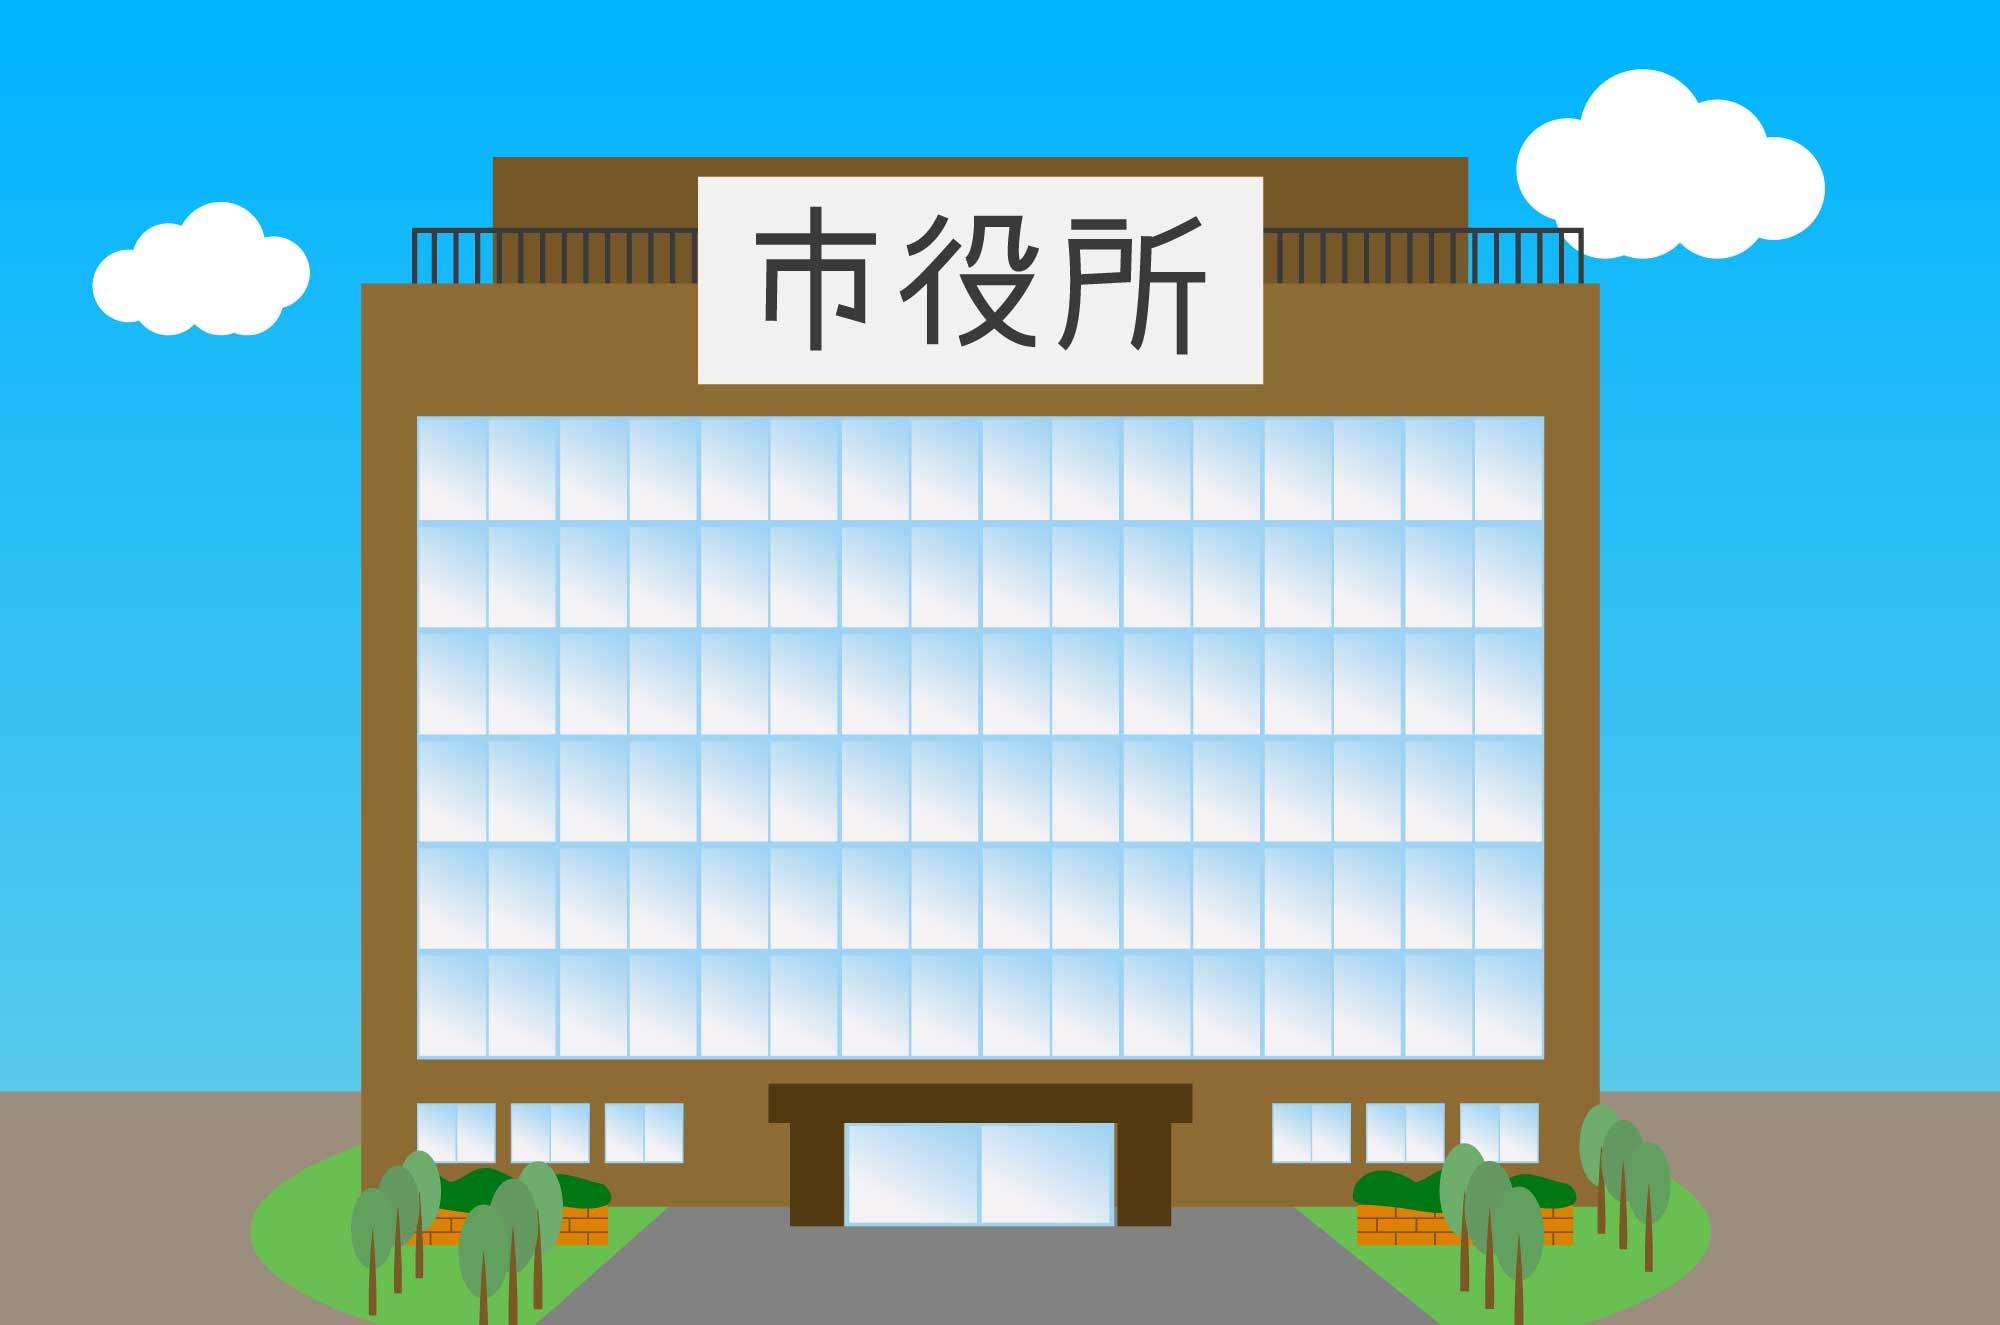 市役所の無料イラスト - 町を管理する施設の素材